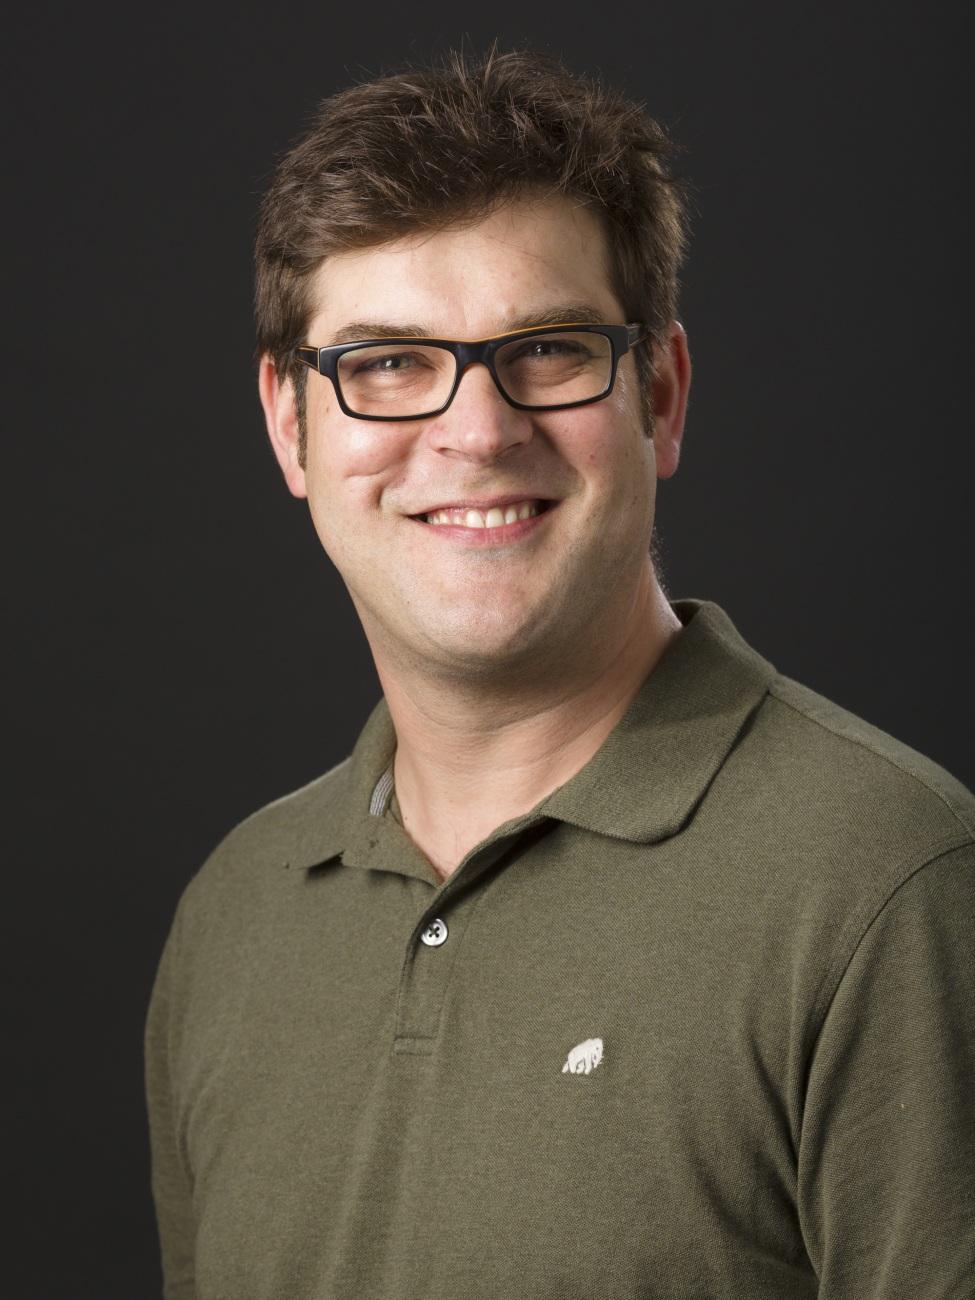 Christian Schlieker